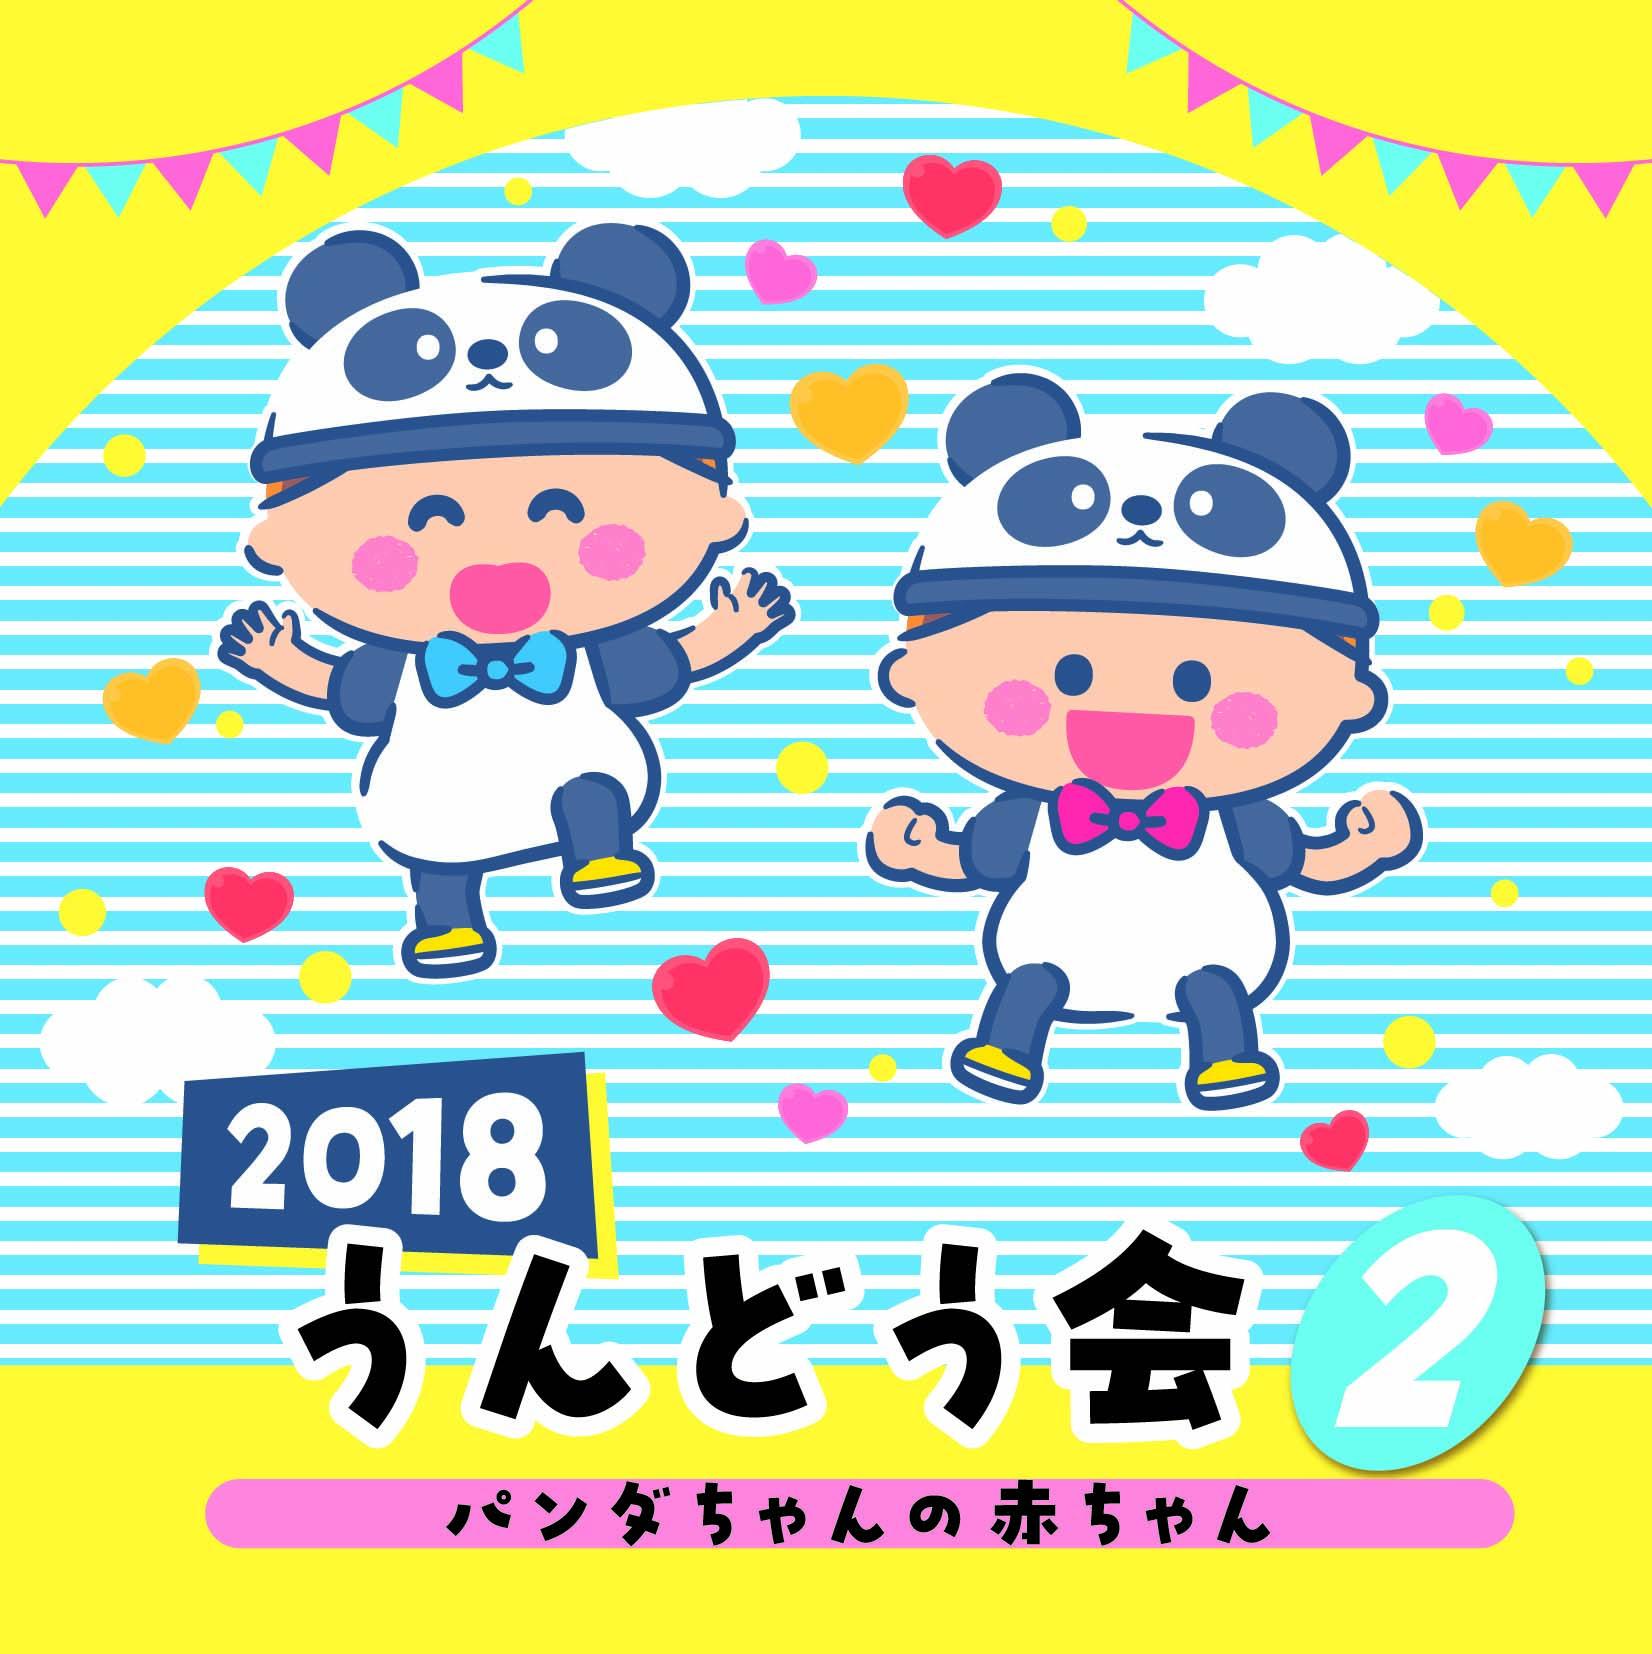 2018うんどう会(2)パンダちゃんの赤ちゃん